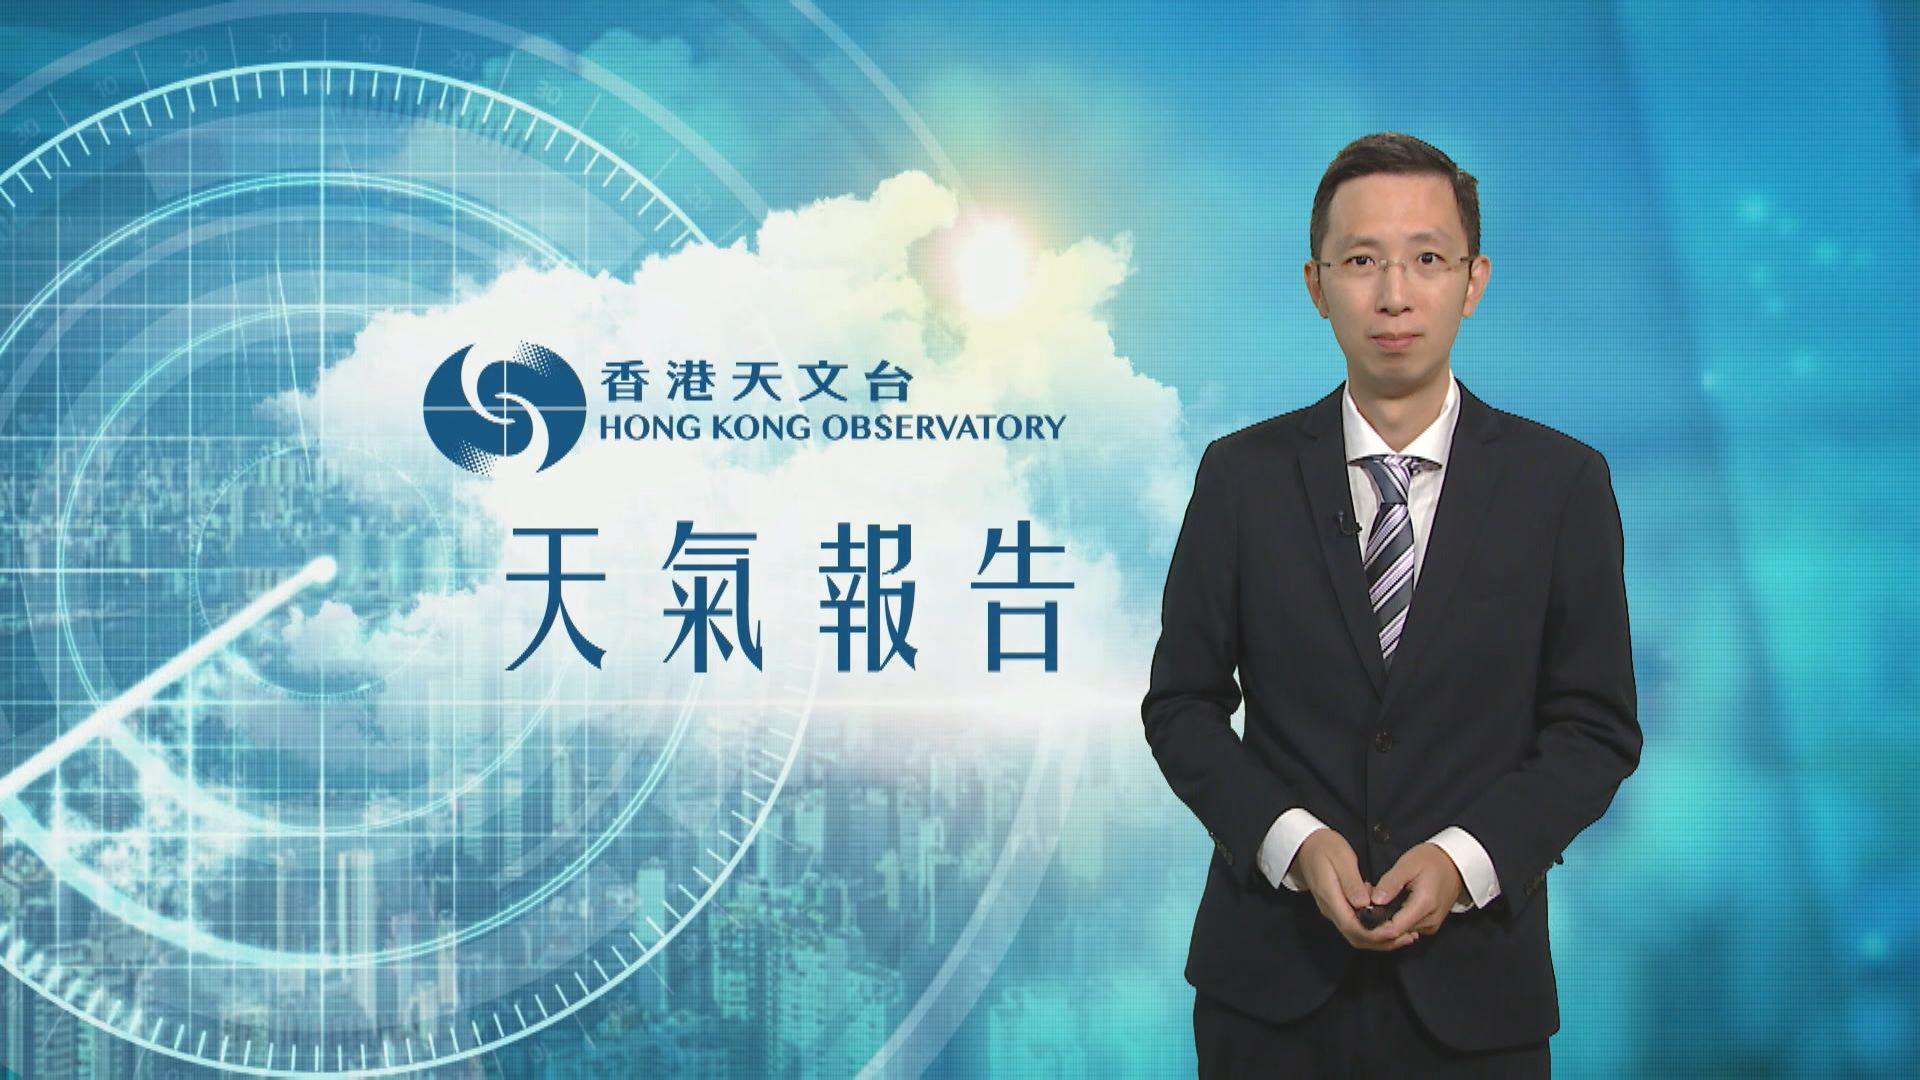 【天氣報告】(6月5日)